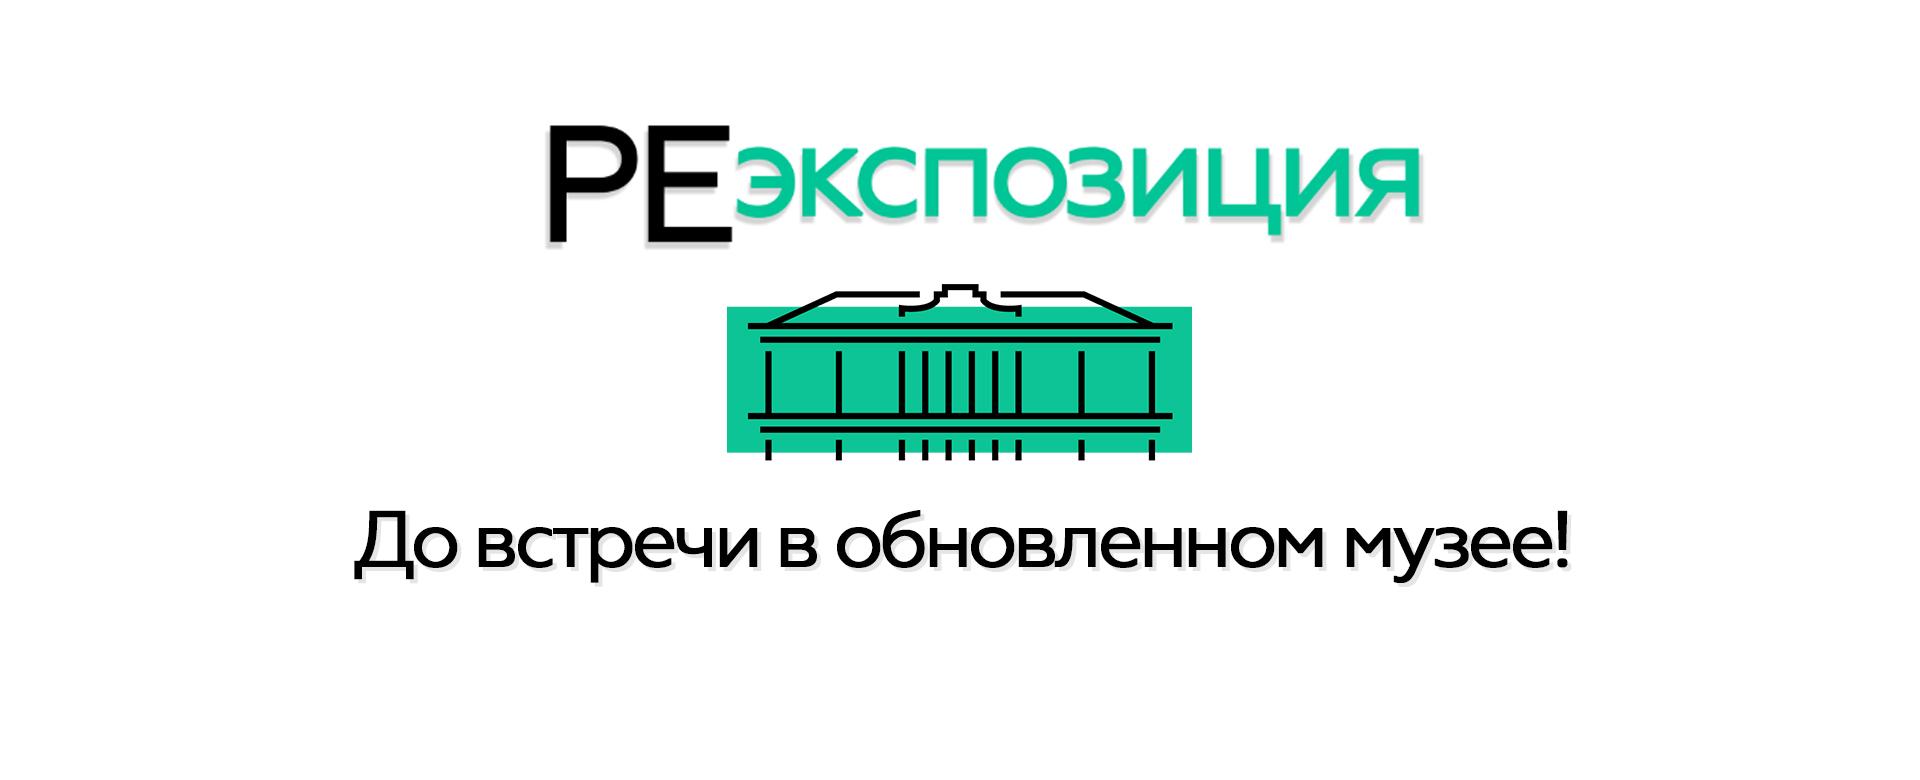 «Пушкинская карта» в музее предлагает